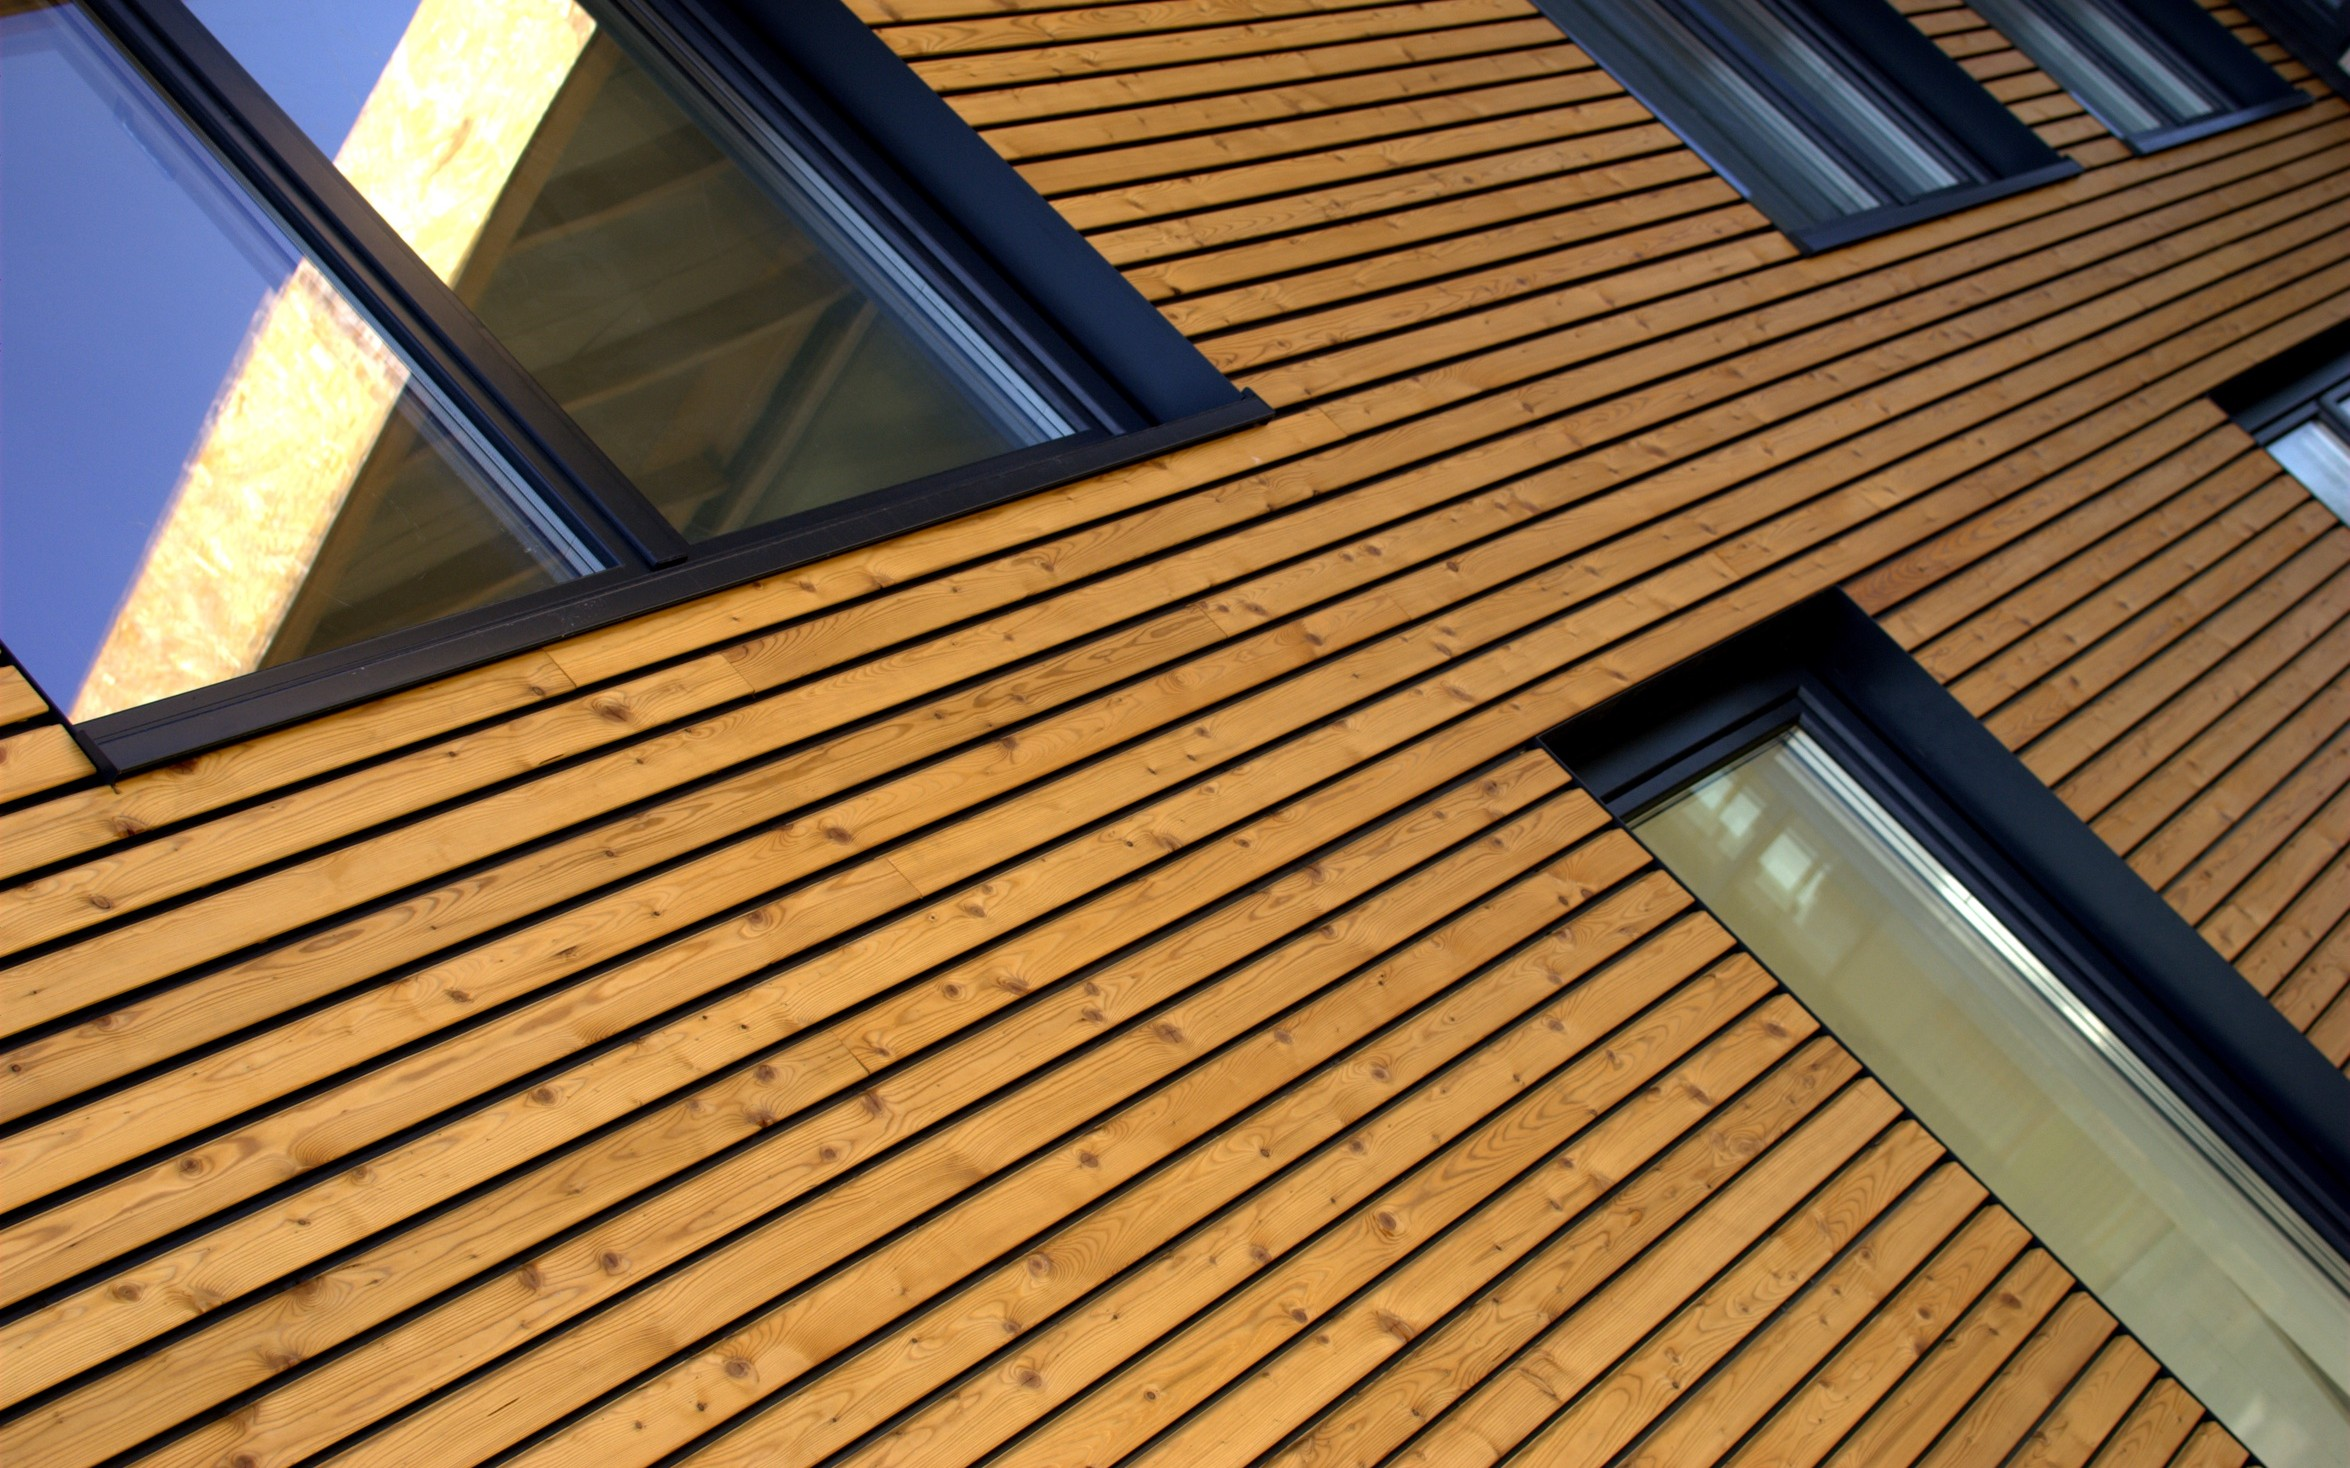 Bois Pour Exterieur Classe 4 bardage, aménagement extérieur, terrasse, menuiseries